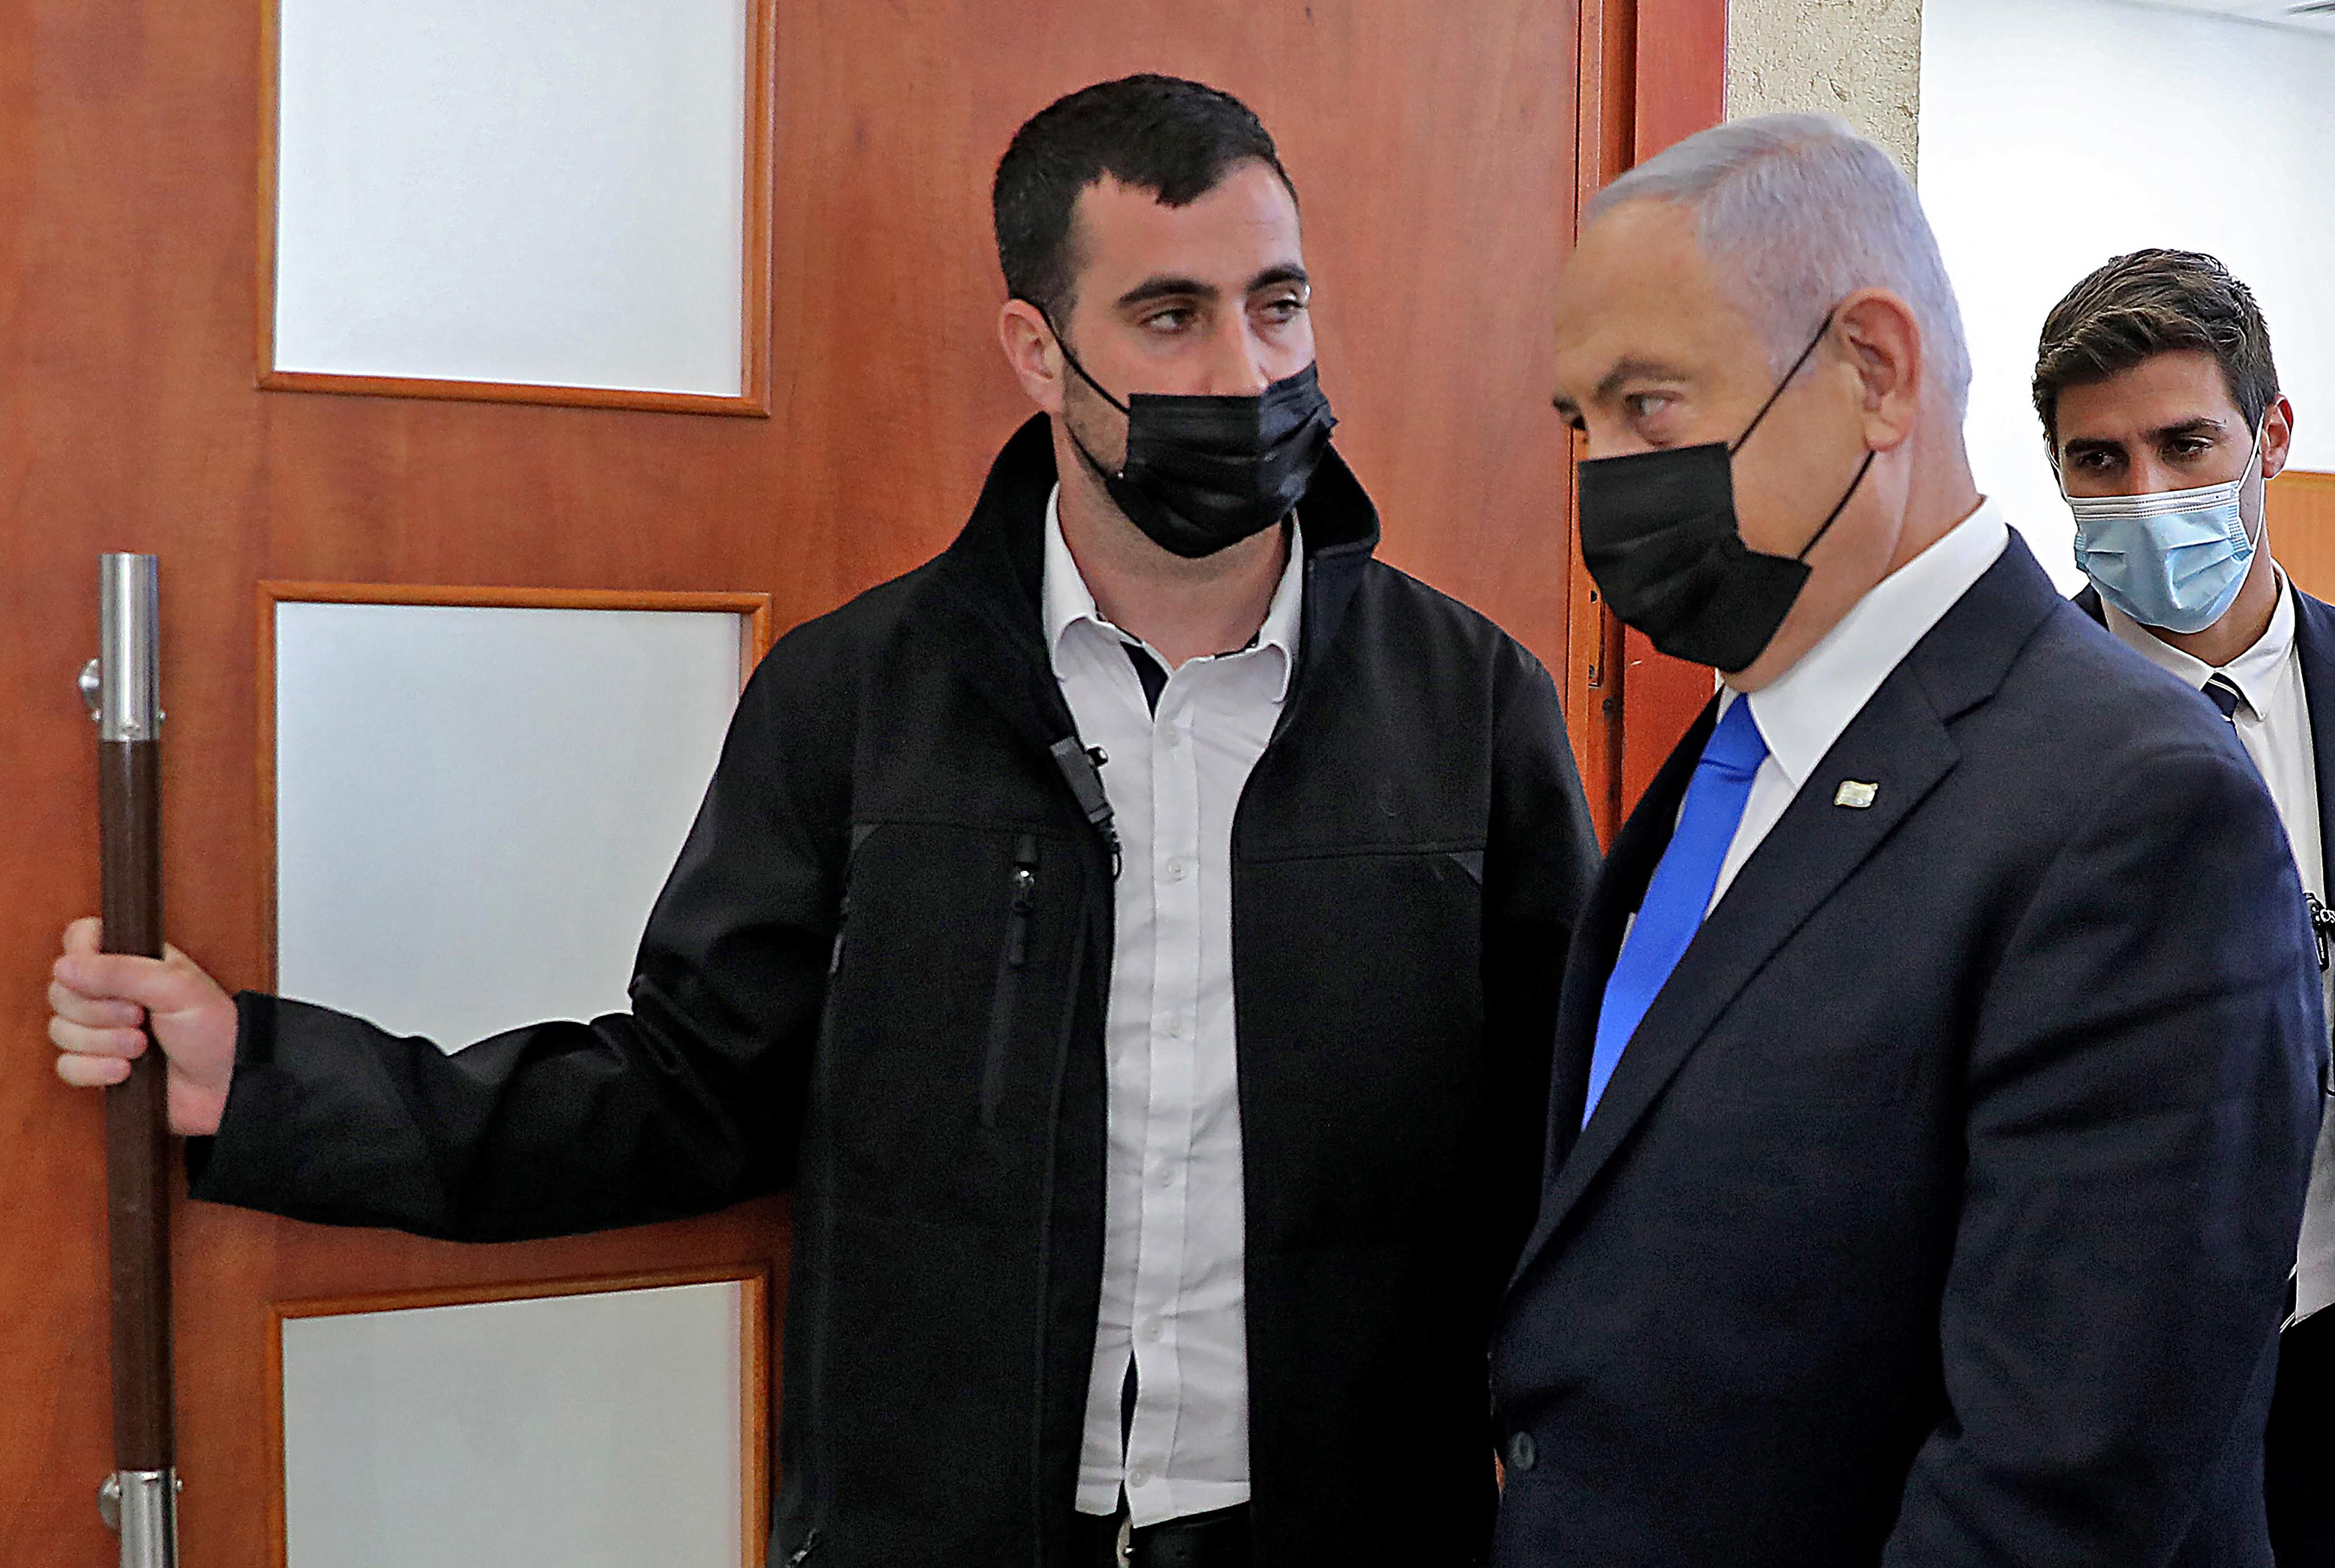 Megkezdődött a bizonyítási eljárás Benjamin Netanjahu korrupciós perében